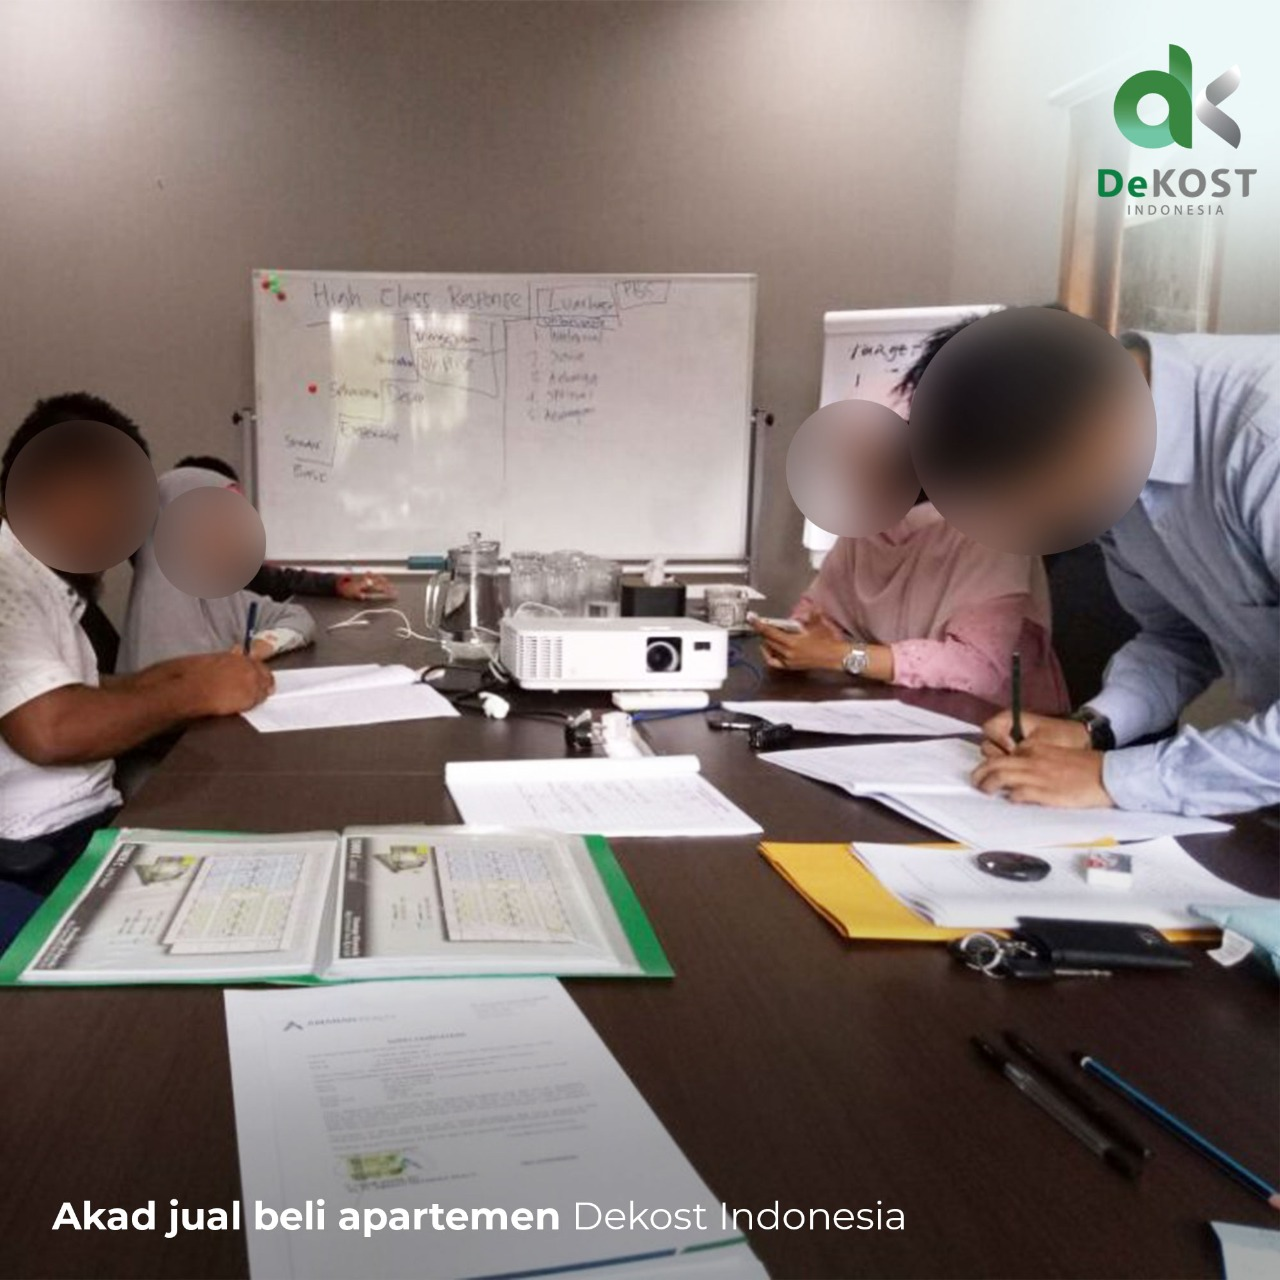 jual-kontrakan-bogor-jual-kontrakan-dramaga-jual-kosan-bogor-jual-kosan-dramaga-jual-apartemen-bogor-jual-apartemen-dramaga-akad-2018-1-dekost-indonesia-davdig.jpeg